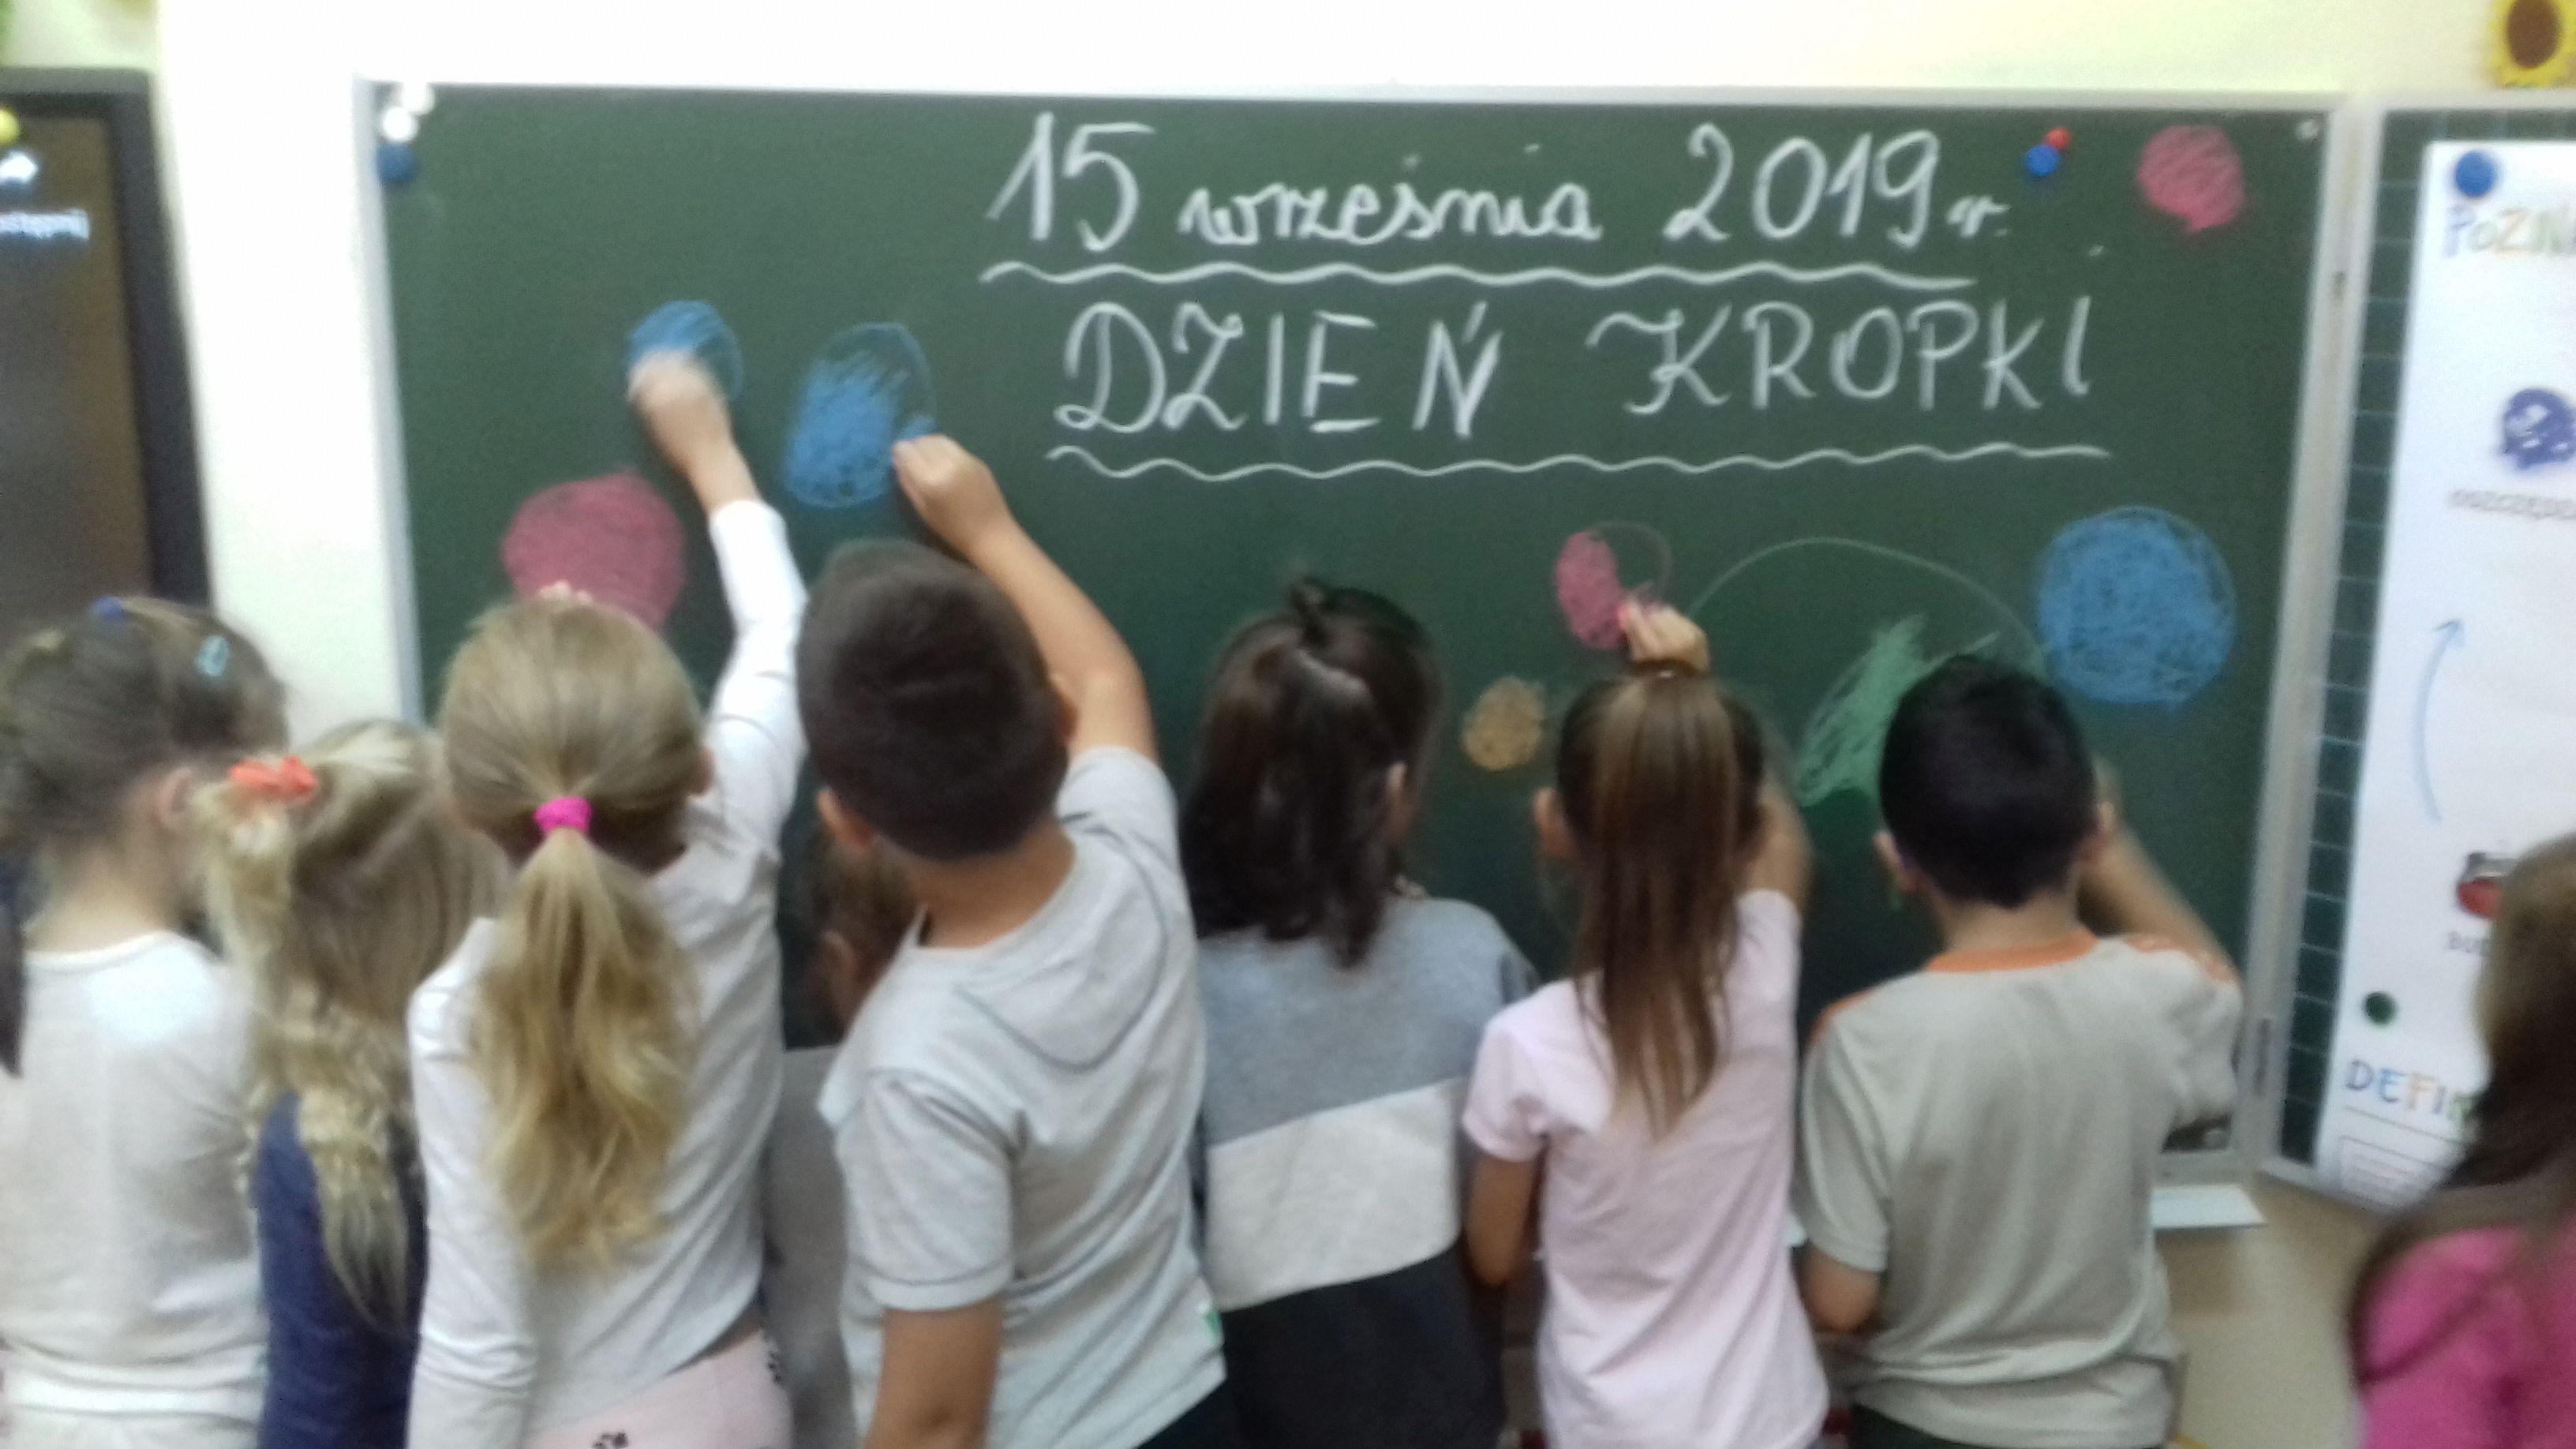 kropka1a002